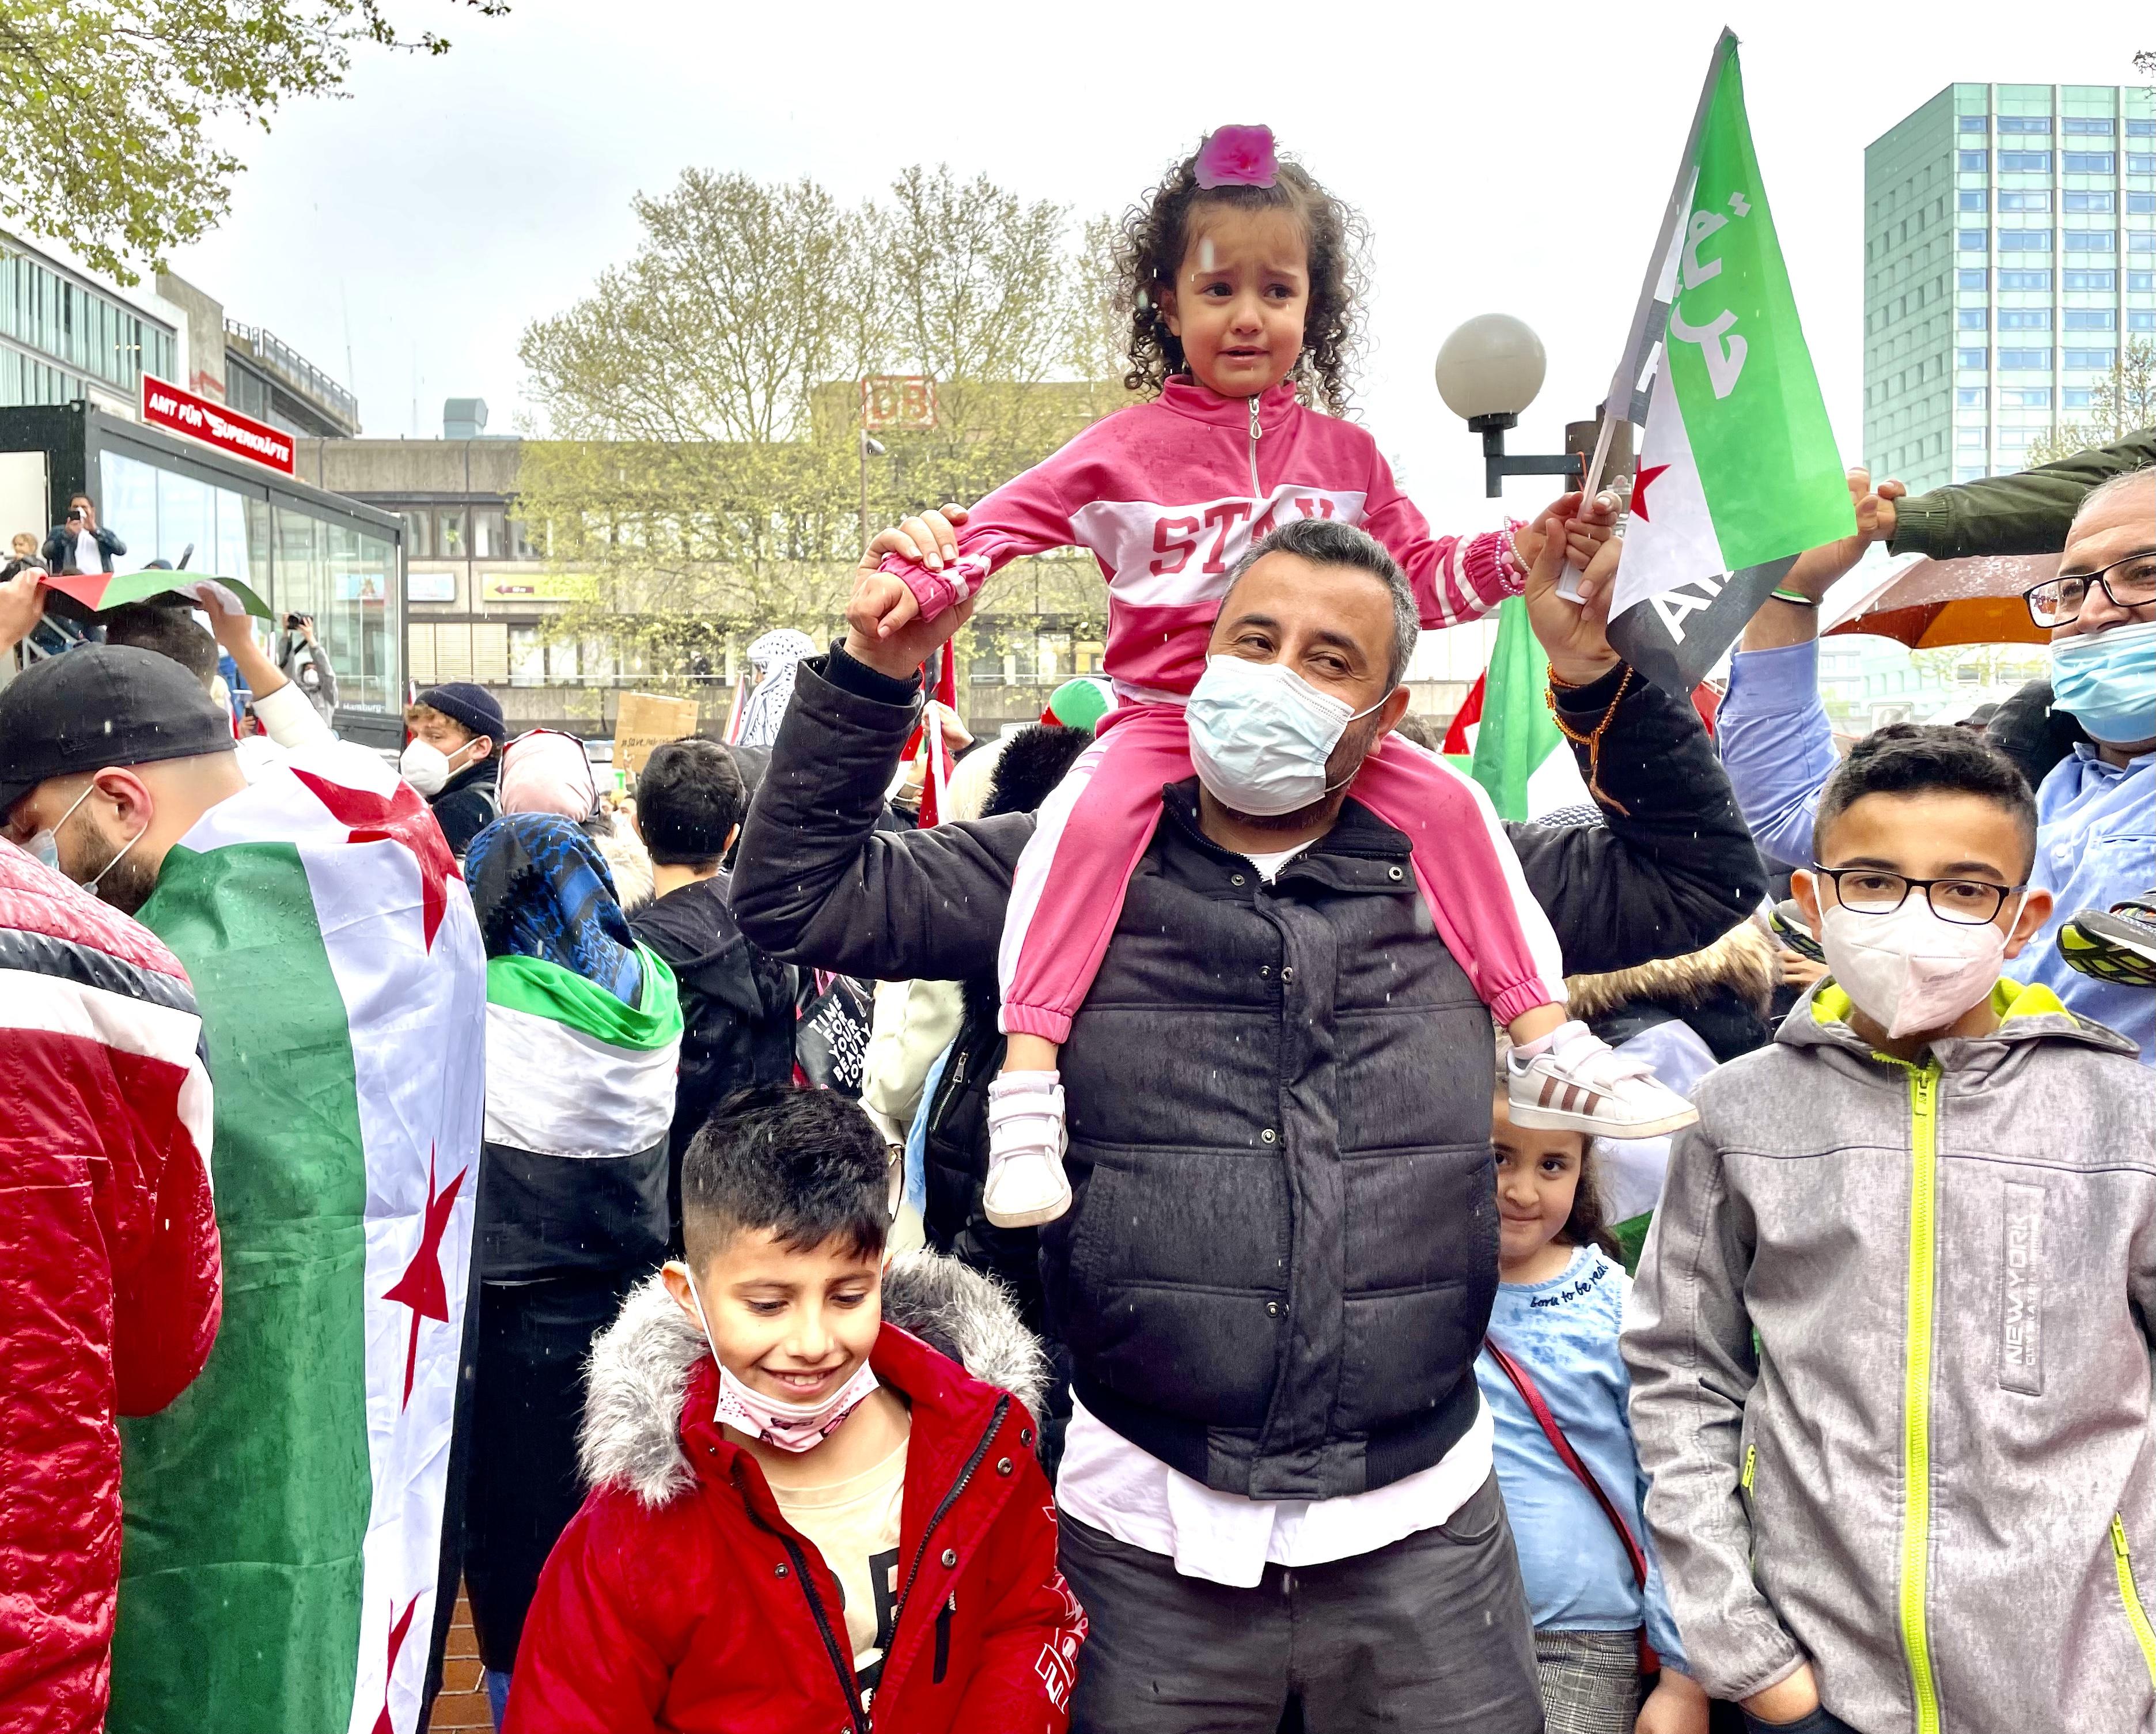 مظاهرة الجالية السورية في هامبورغ، خاص بالسوري اليوم